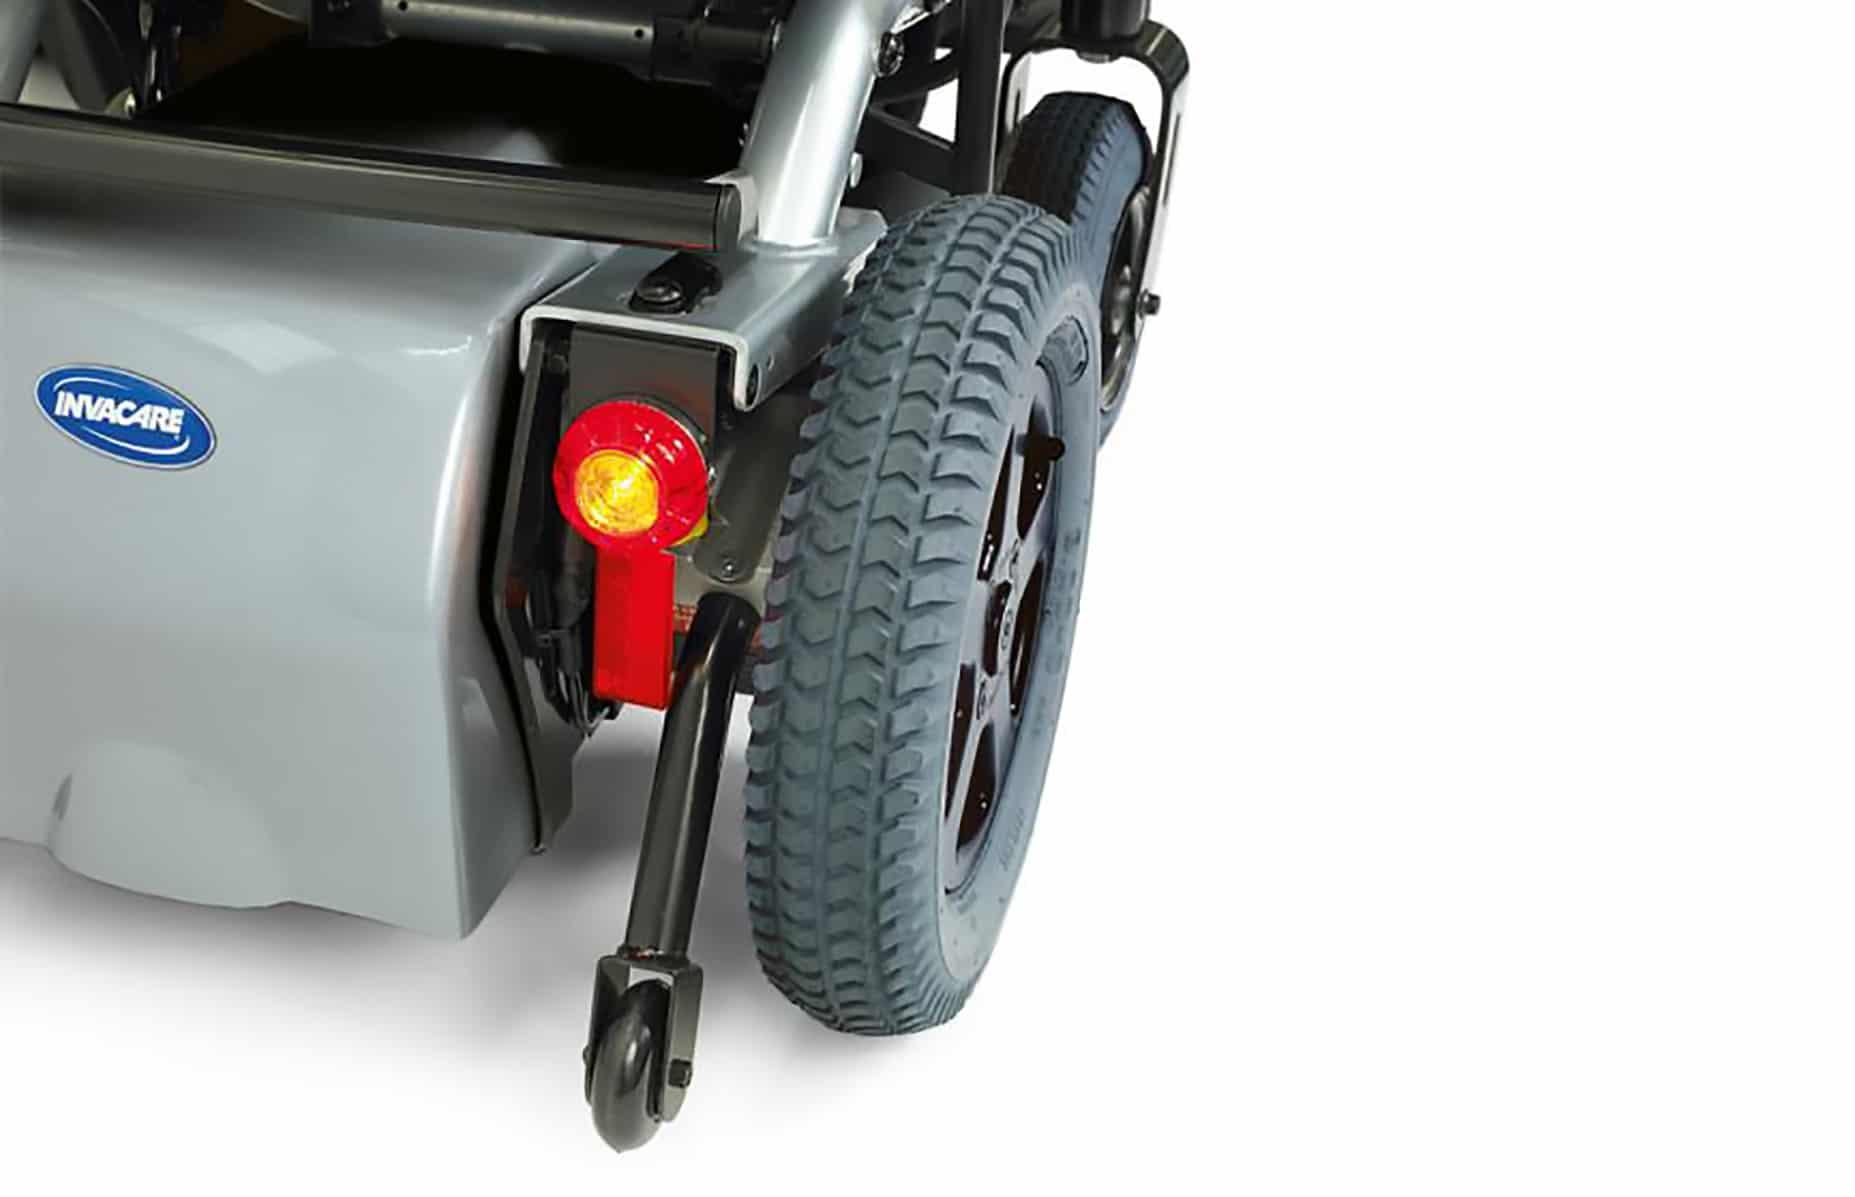 Pormenor de roda de cadeira de rodas elétrica